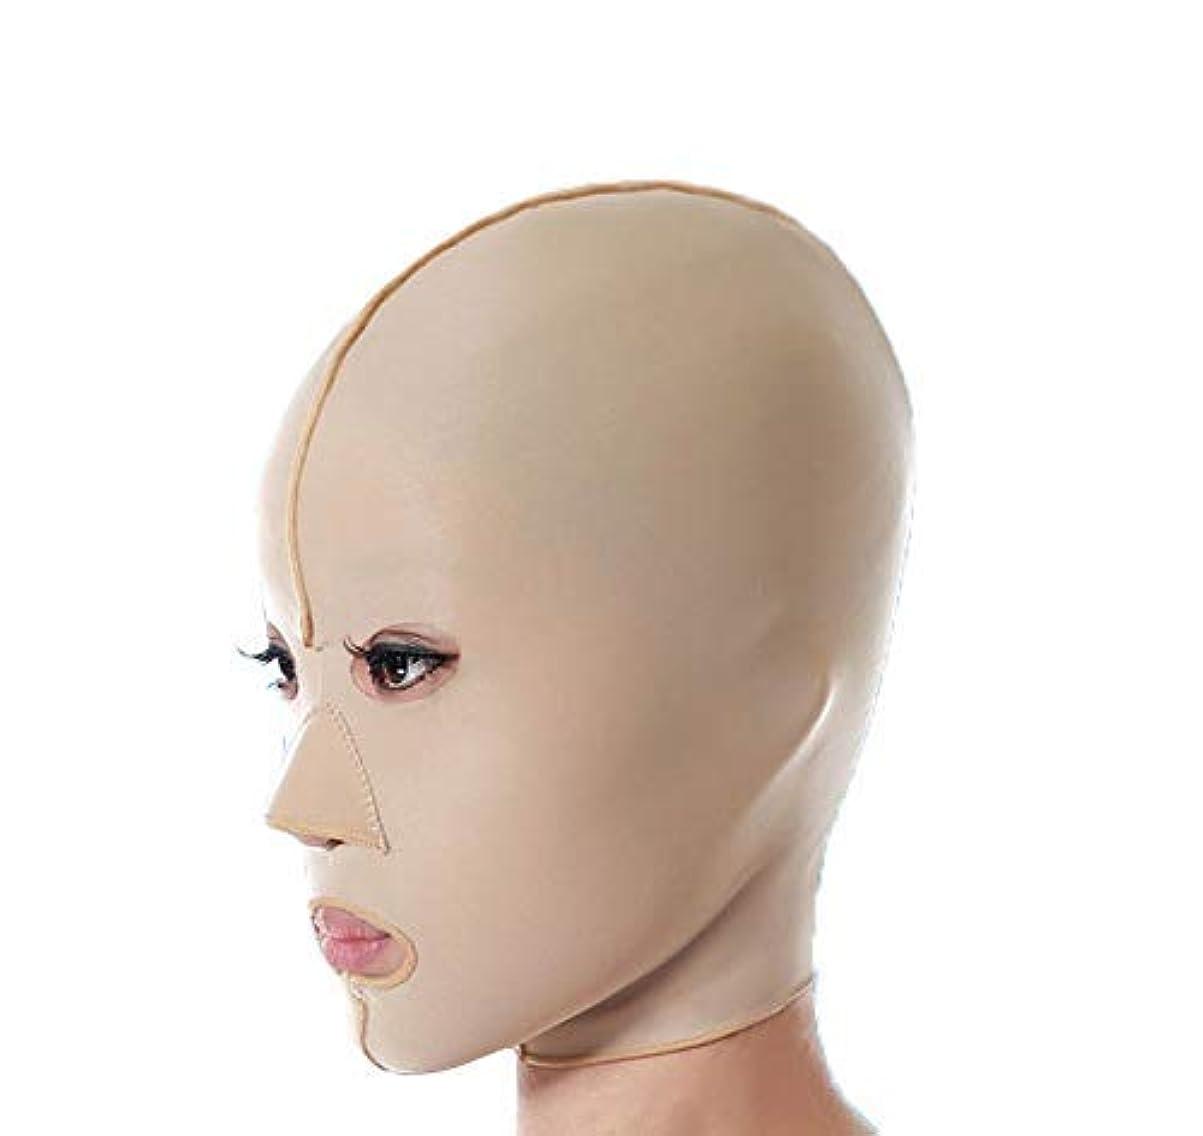 連邦終了しましたわなファーミングフェイスマスク、フェイシャルマスク医学強力なフェイスマスクアーティファクト美容垂れ防止法パターンフェイシャルリフティングファーミングフルフェイスマスク(サイズ:M),M